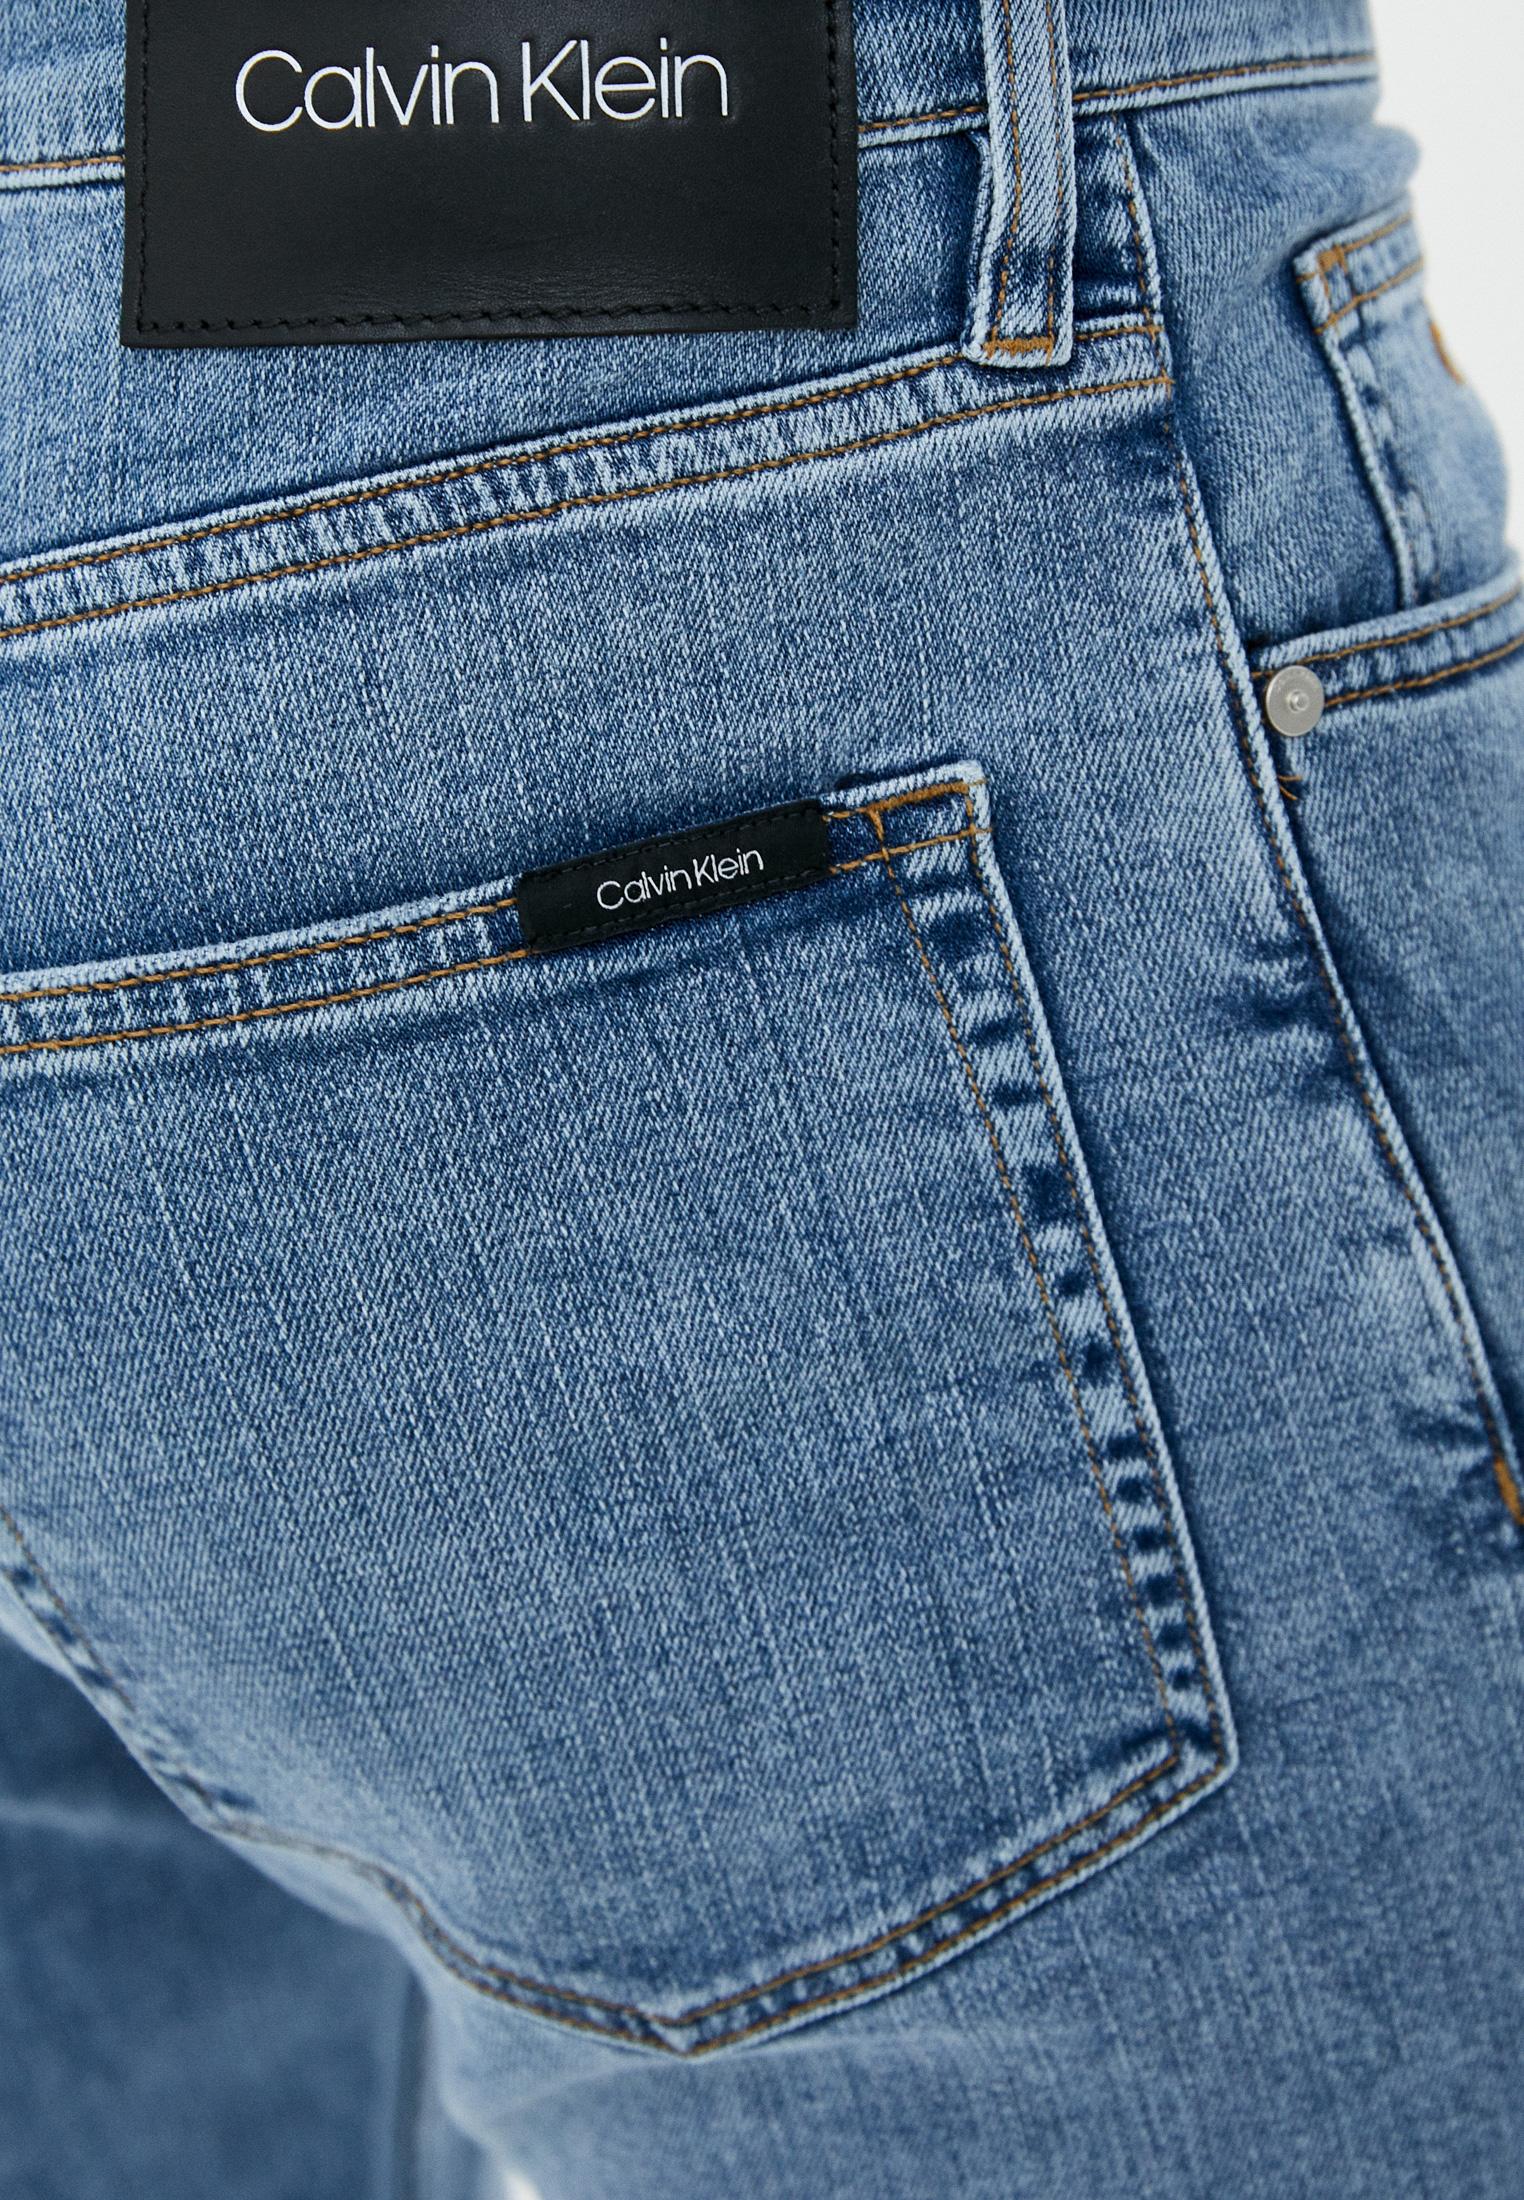 Зауженные джинсы Calvin Klein (Кельвин Кляйн) K10K106061: изображение 4